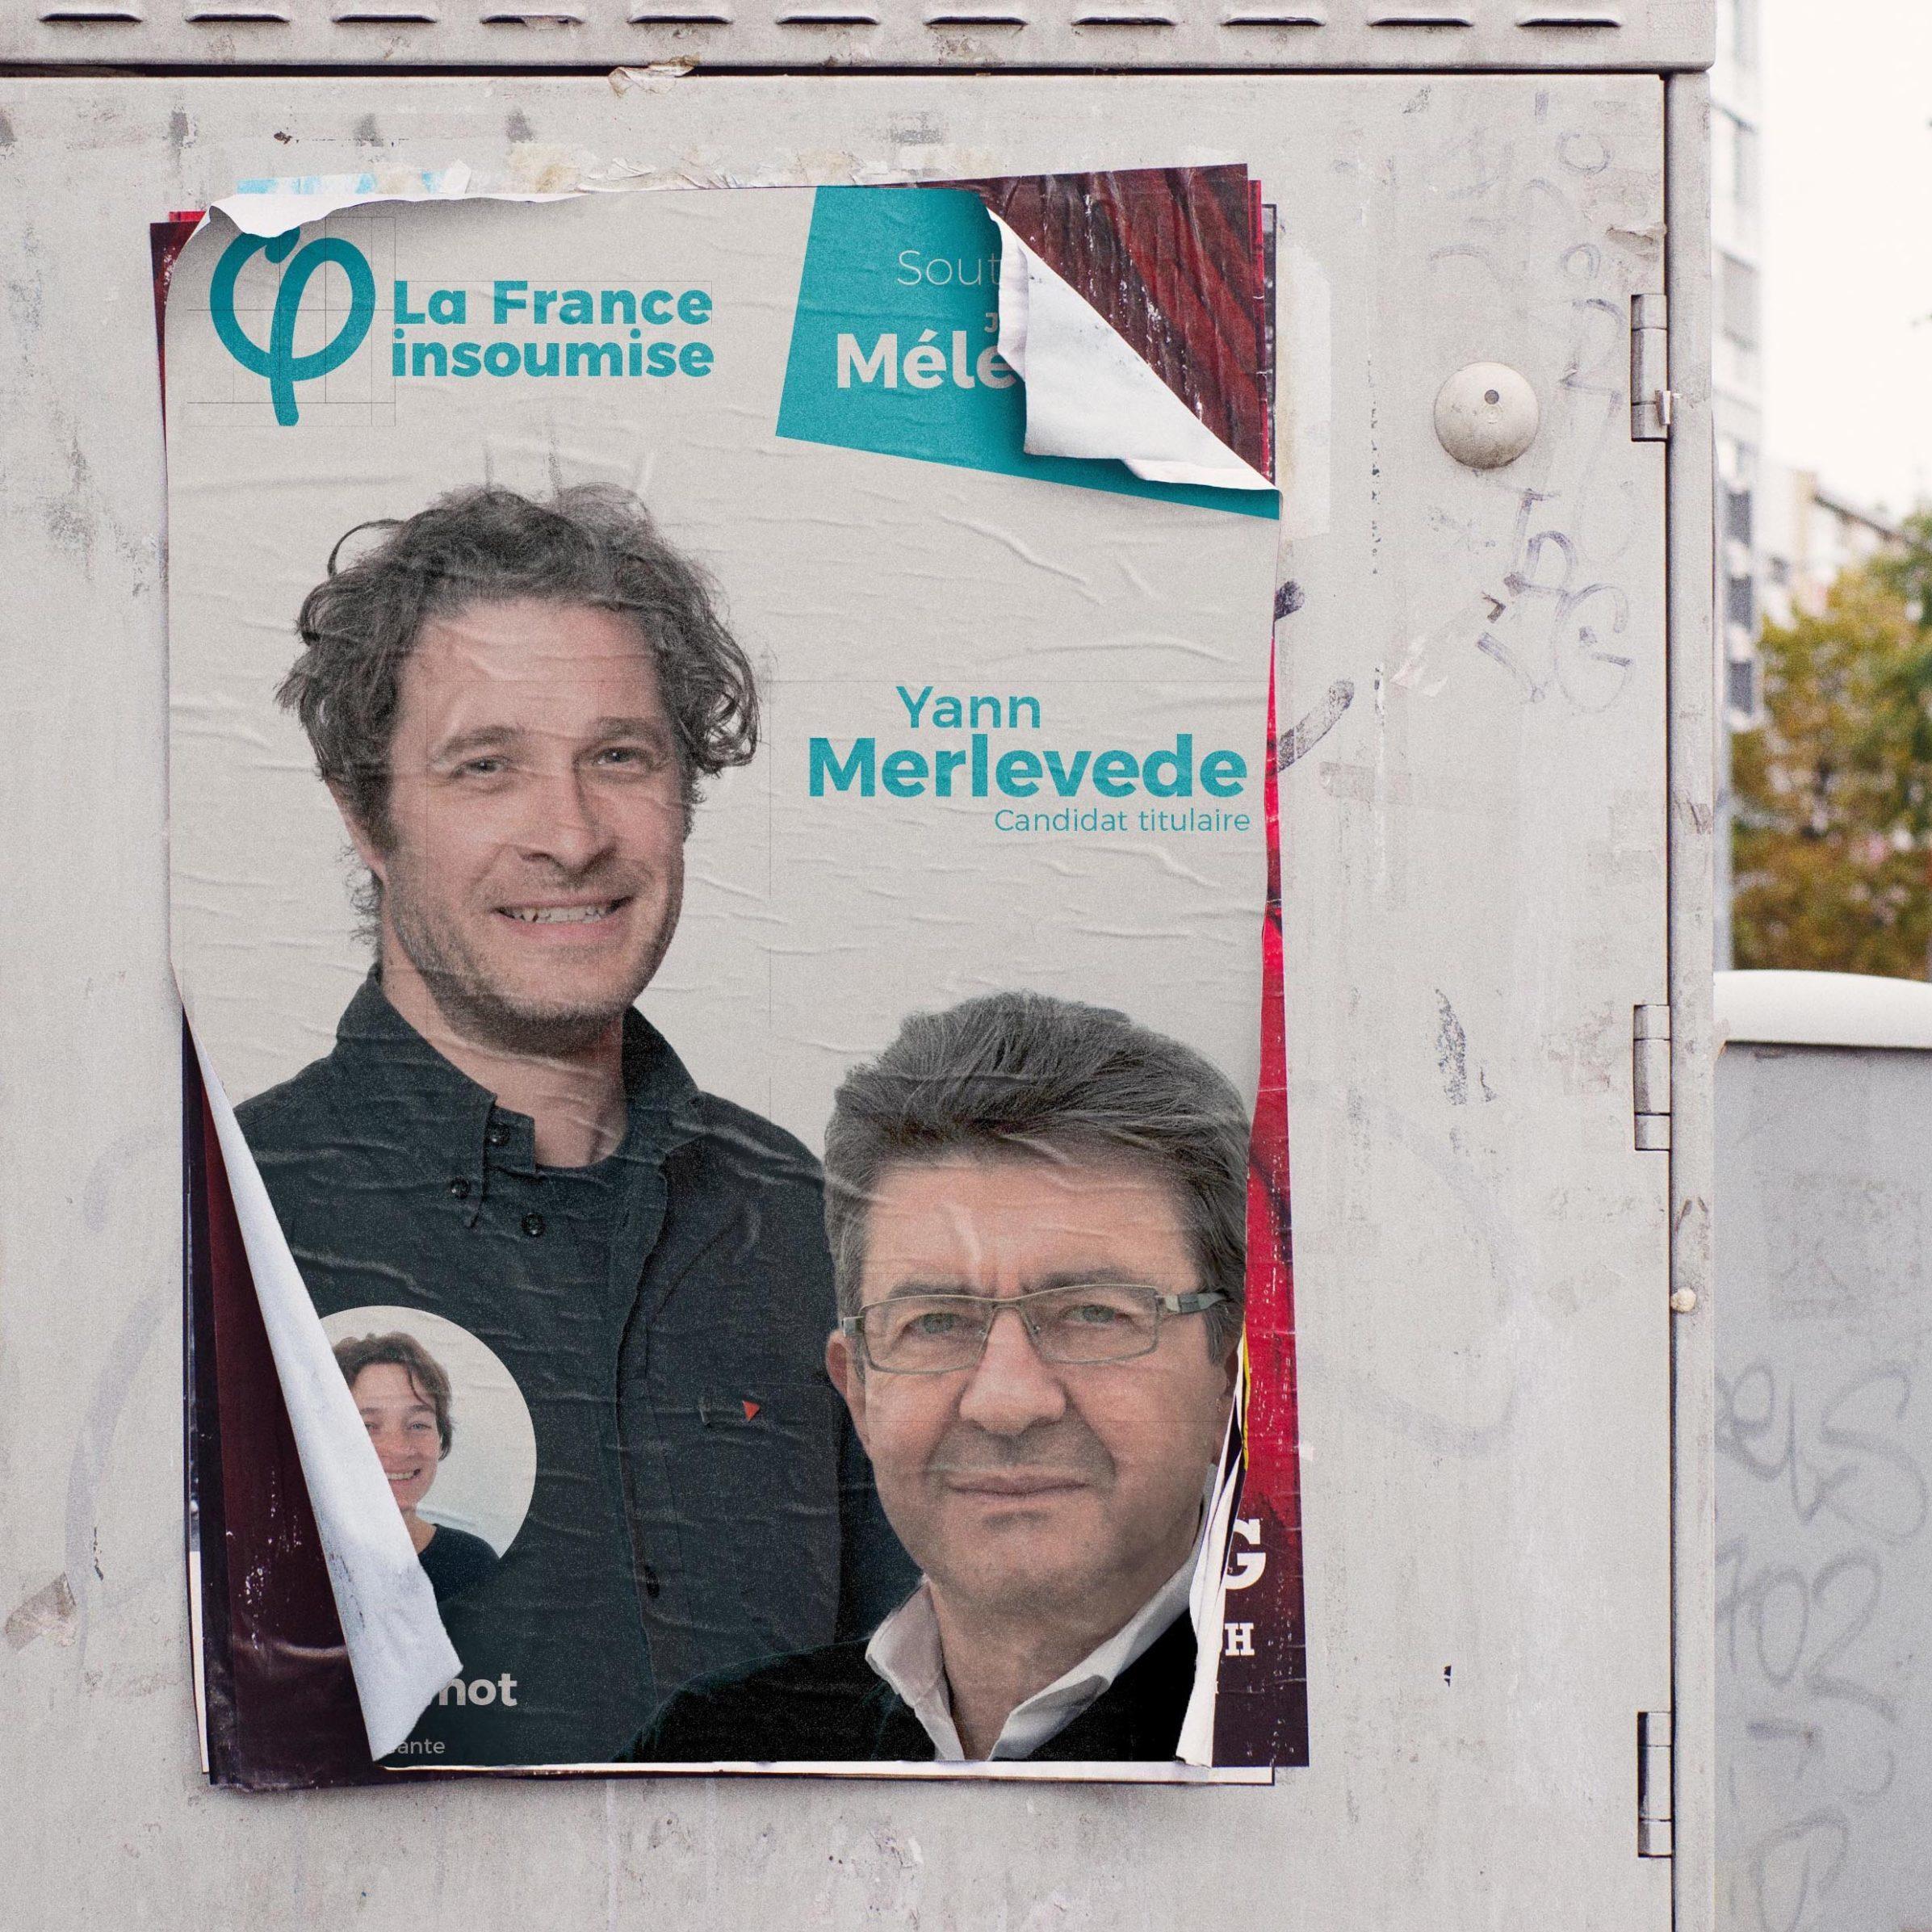 Affiche de campagne LFI pour les élections législatives de 2017